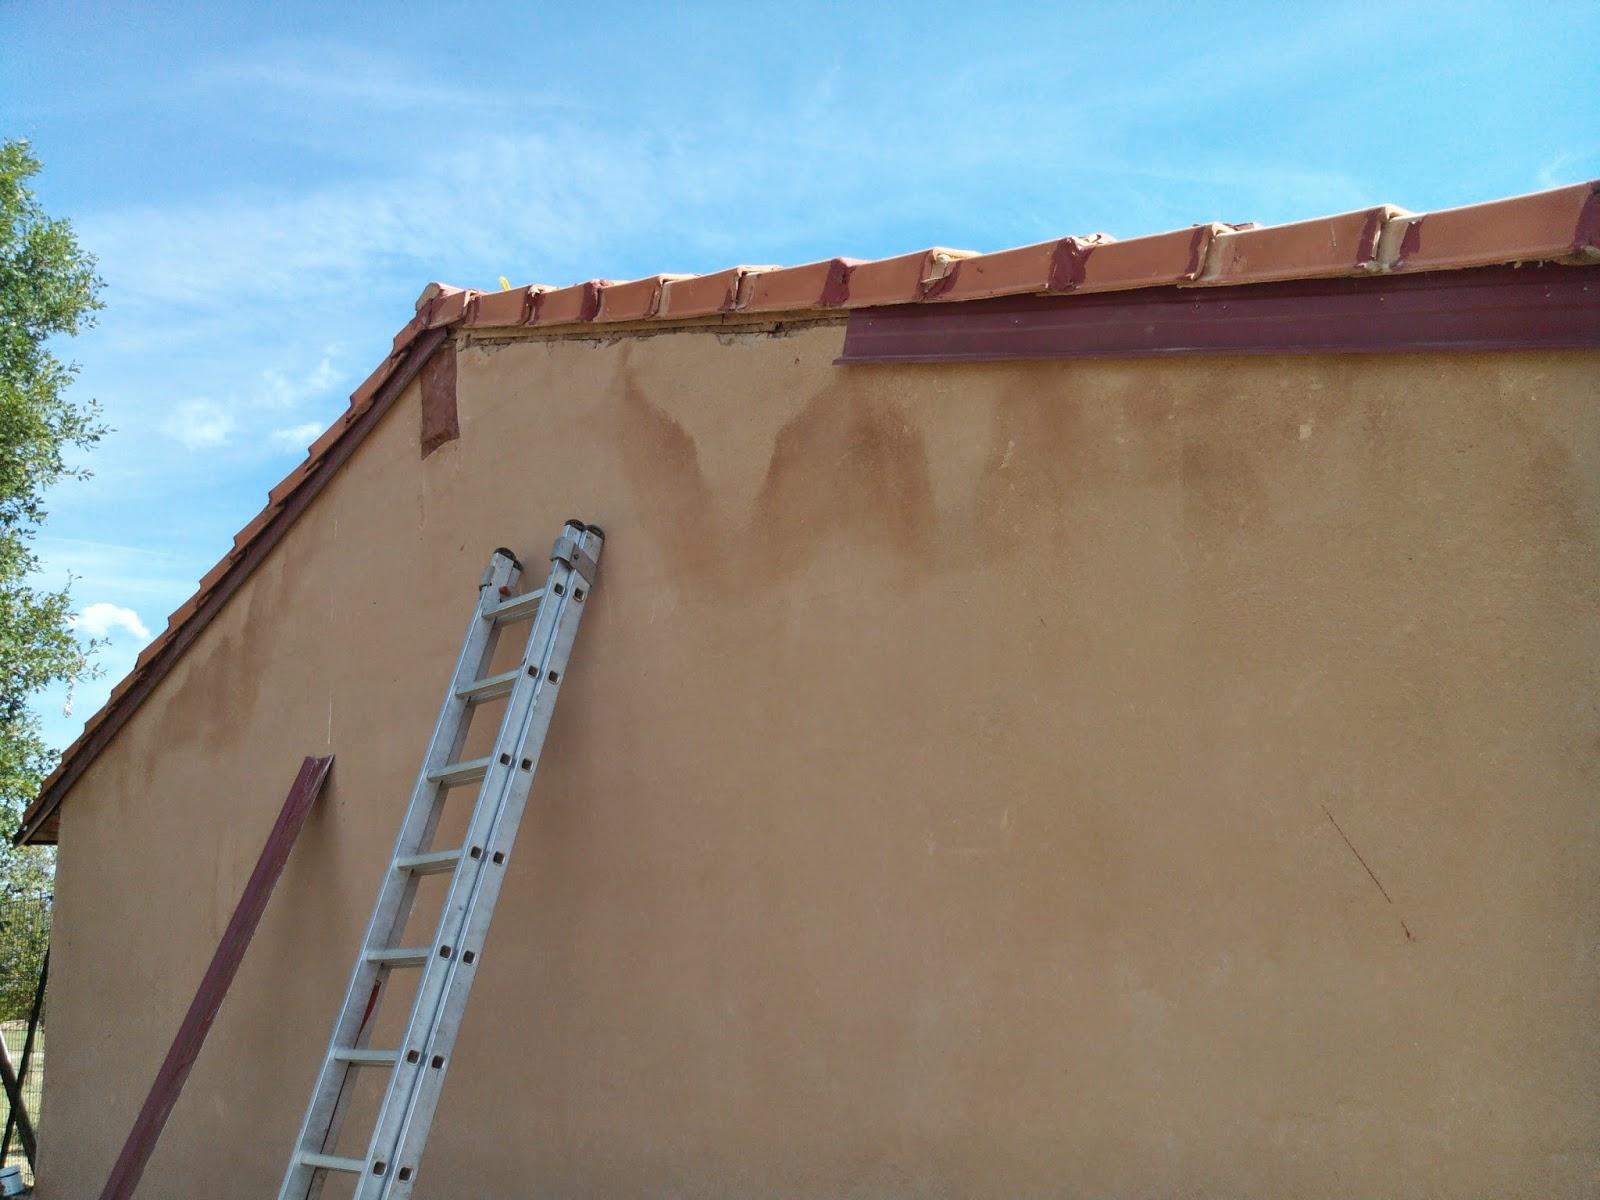 Reformasvillasolle nmultiservicios tejados cubiertas for Tejados de madera en leon